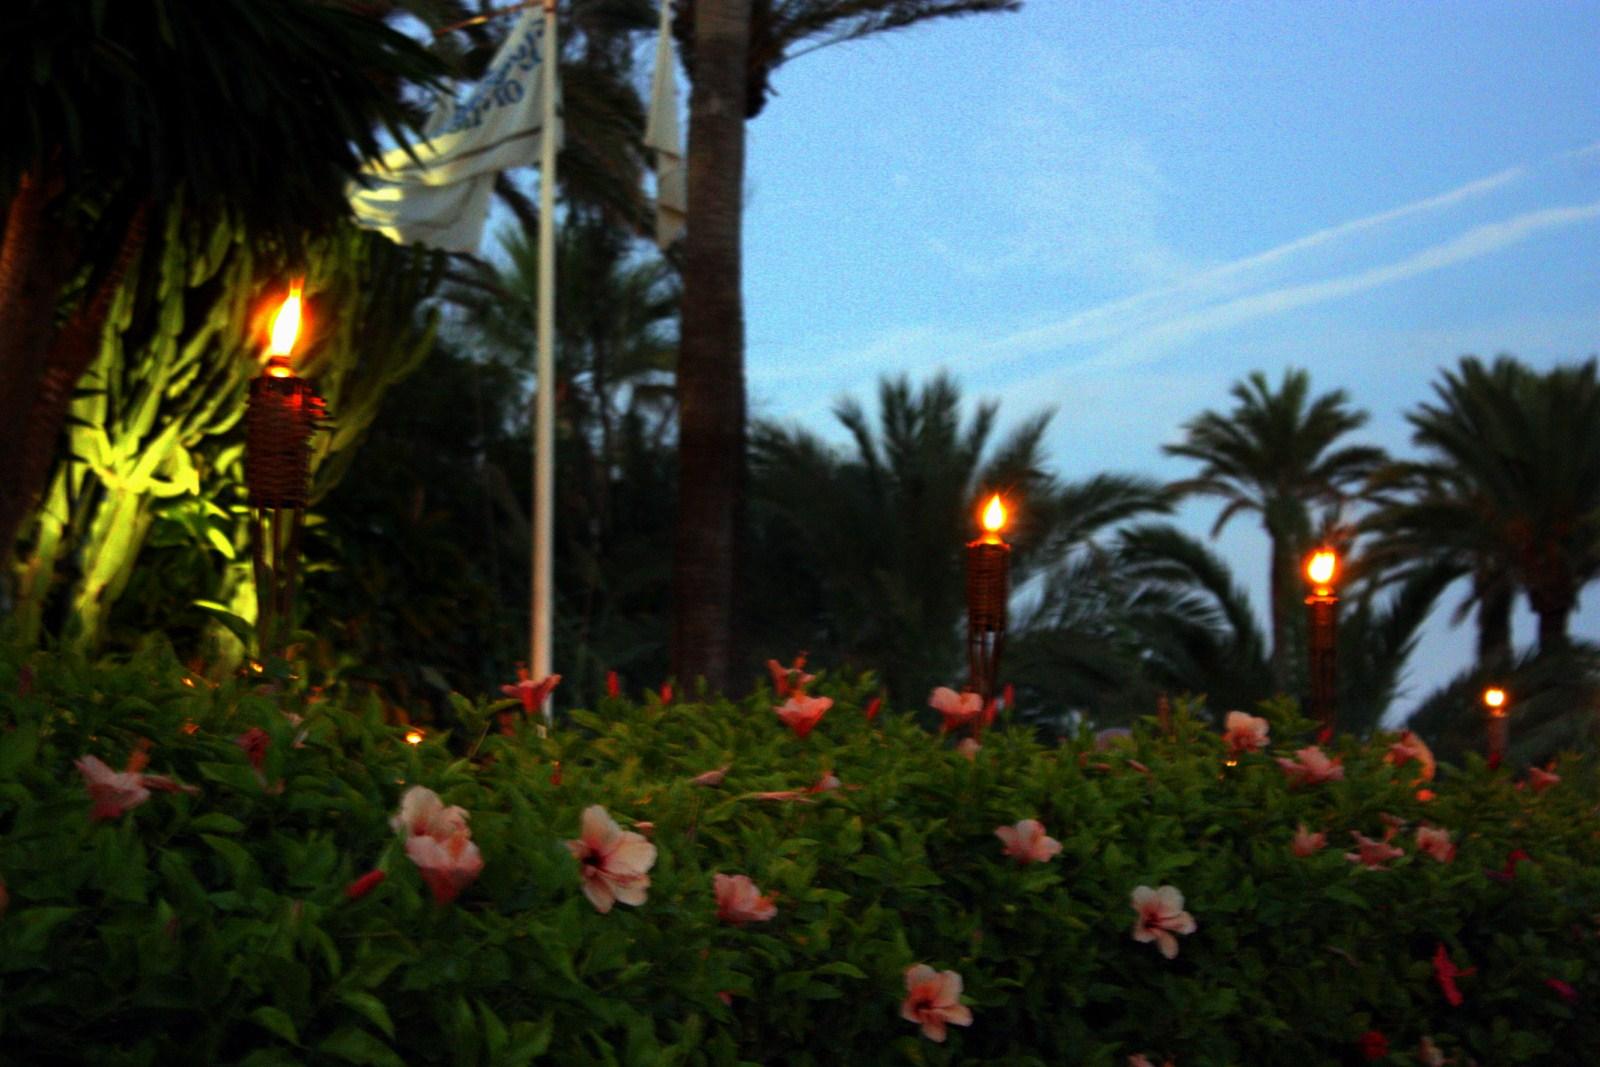 Marzua antorchas de jard n para las noches m s claras - Antorchas solares para jardin ...